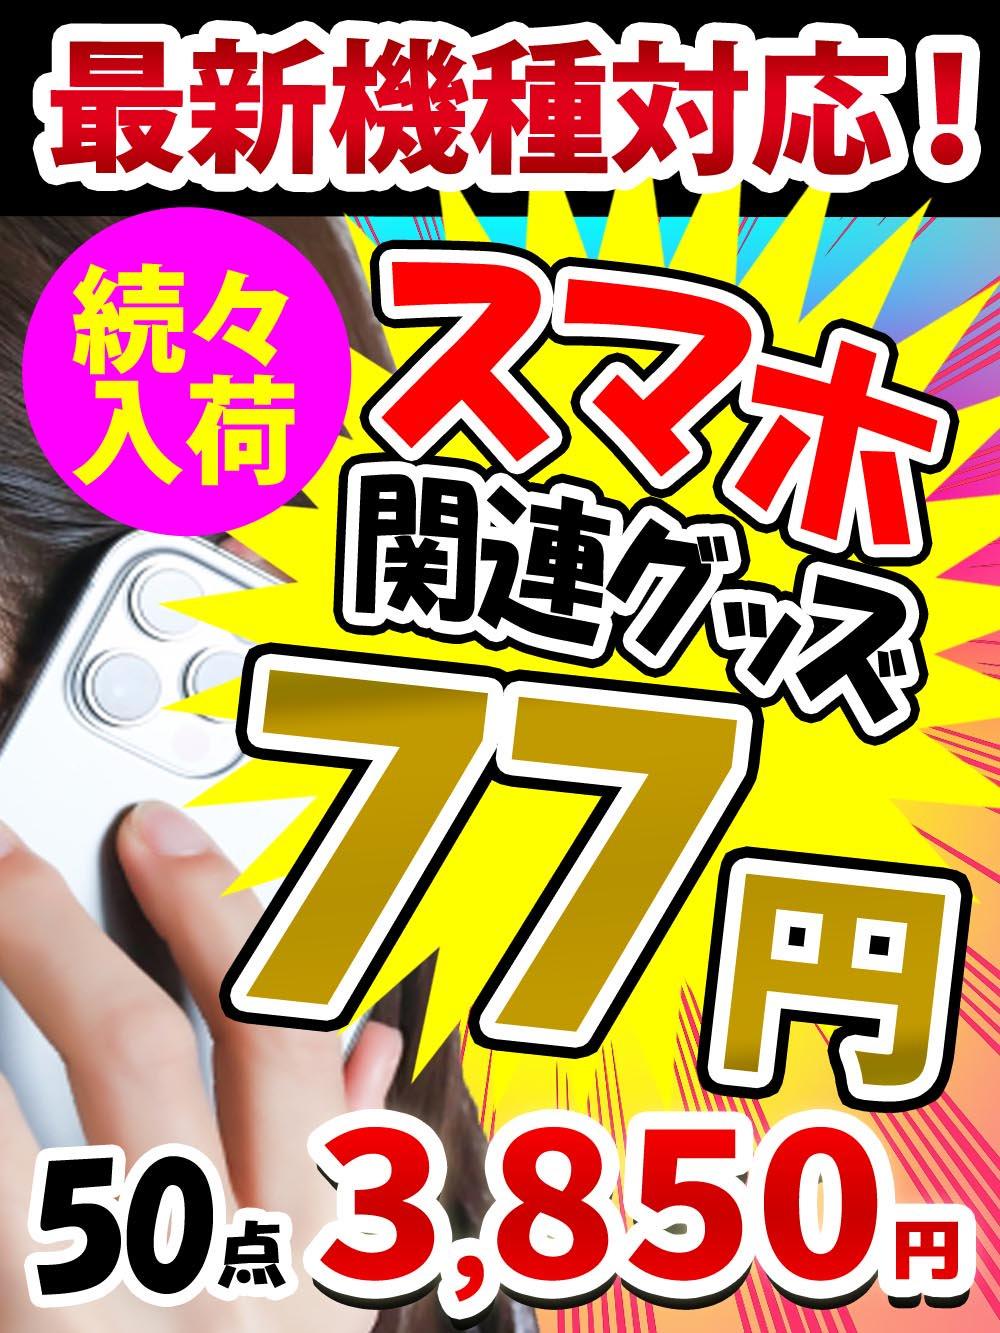 リニューアル中!【上代90%OFF確定】スマホケース&フィルムアソート iPad/iPhone/Xperia/GALAXY/…多種対応【50点】@55